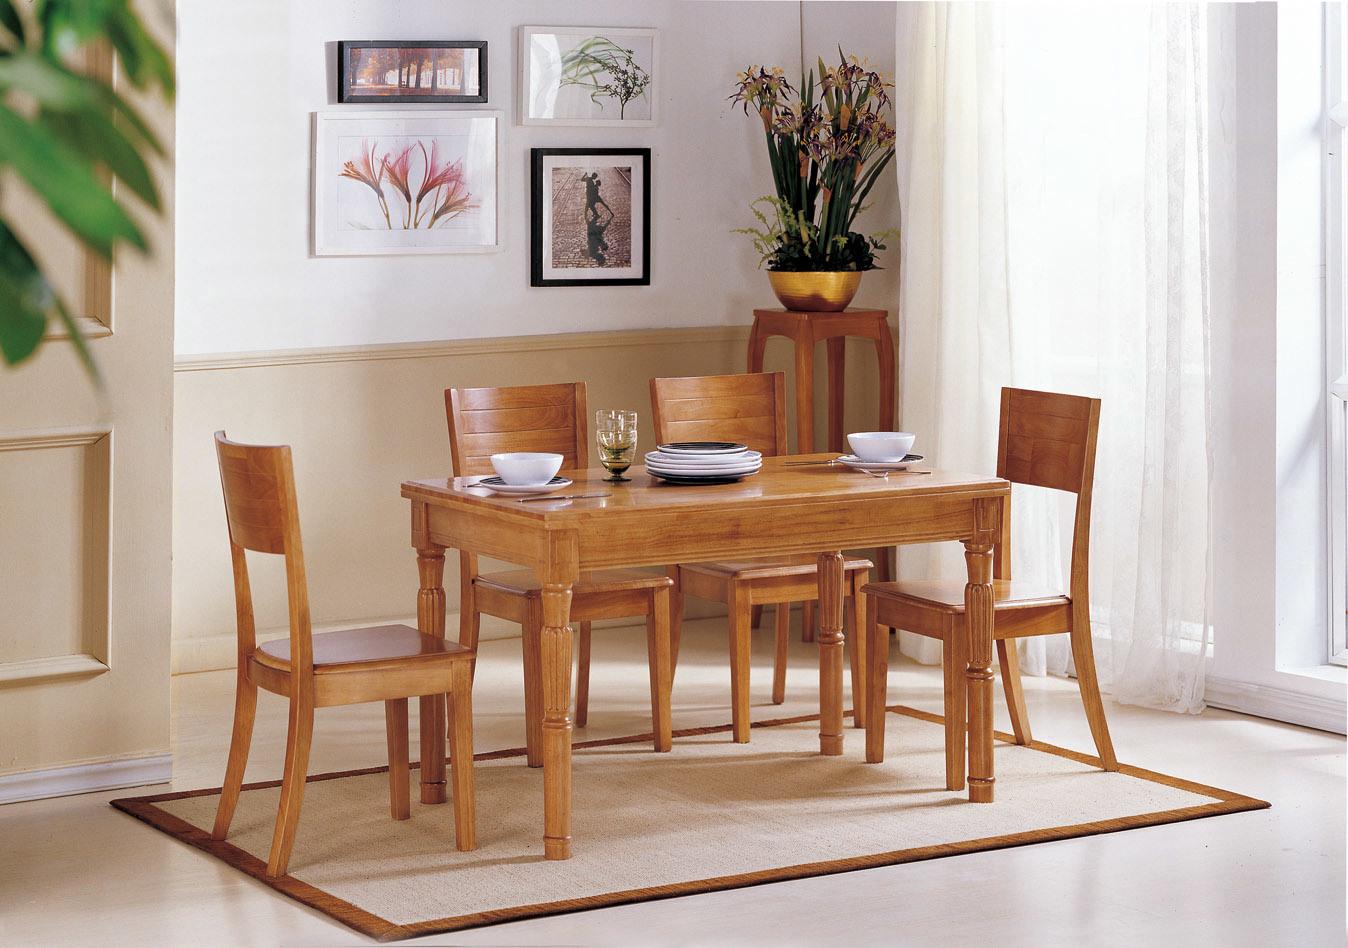 Tabla del comedor muebles del comedor silla de la cena - Muebles del comedor ...